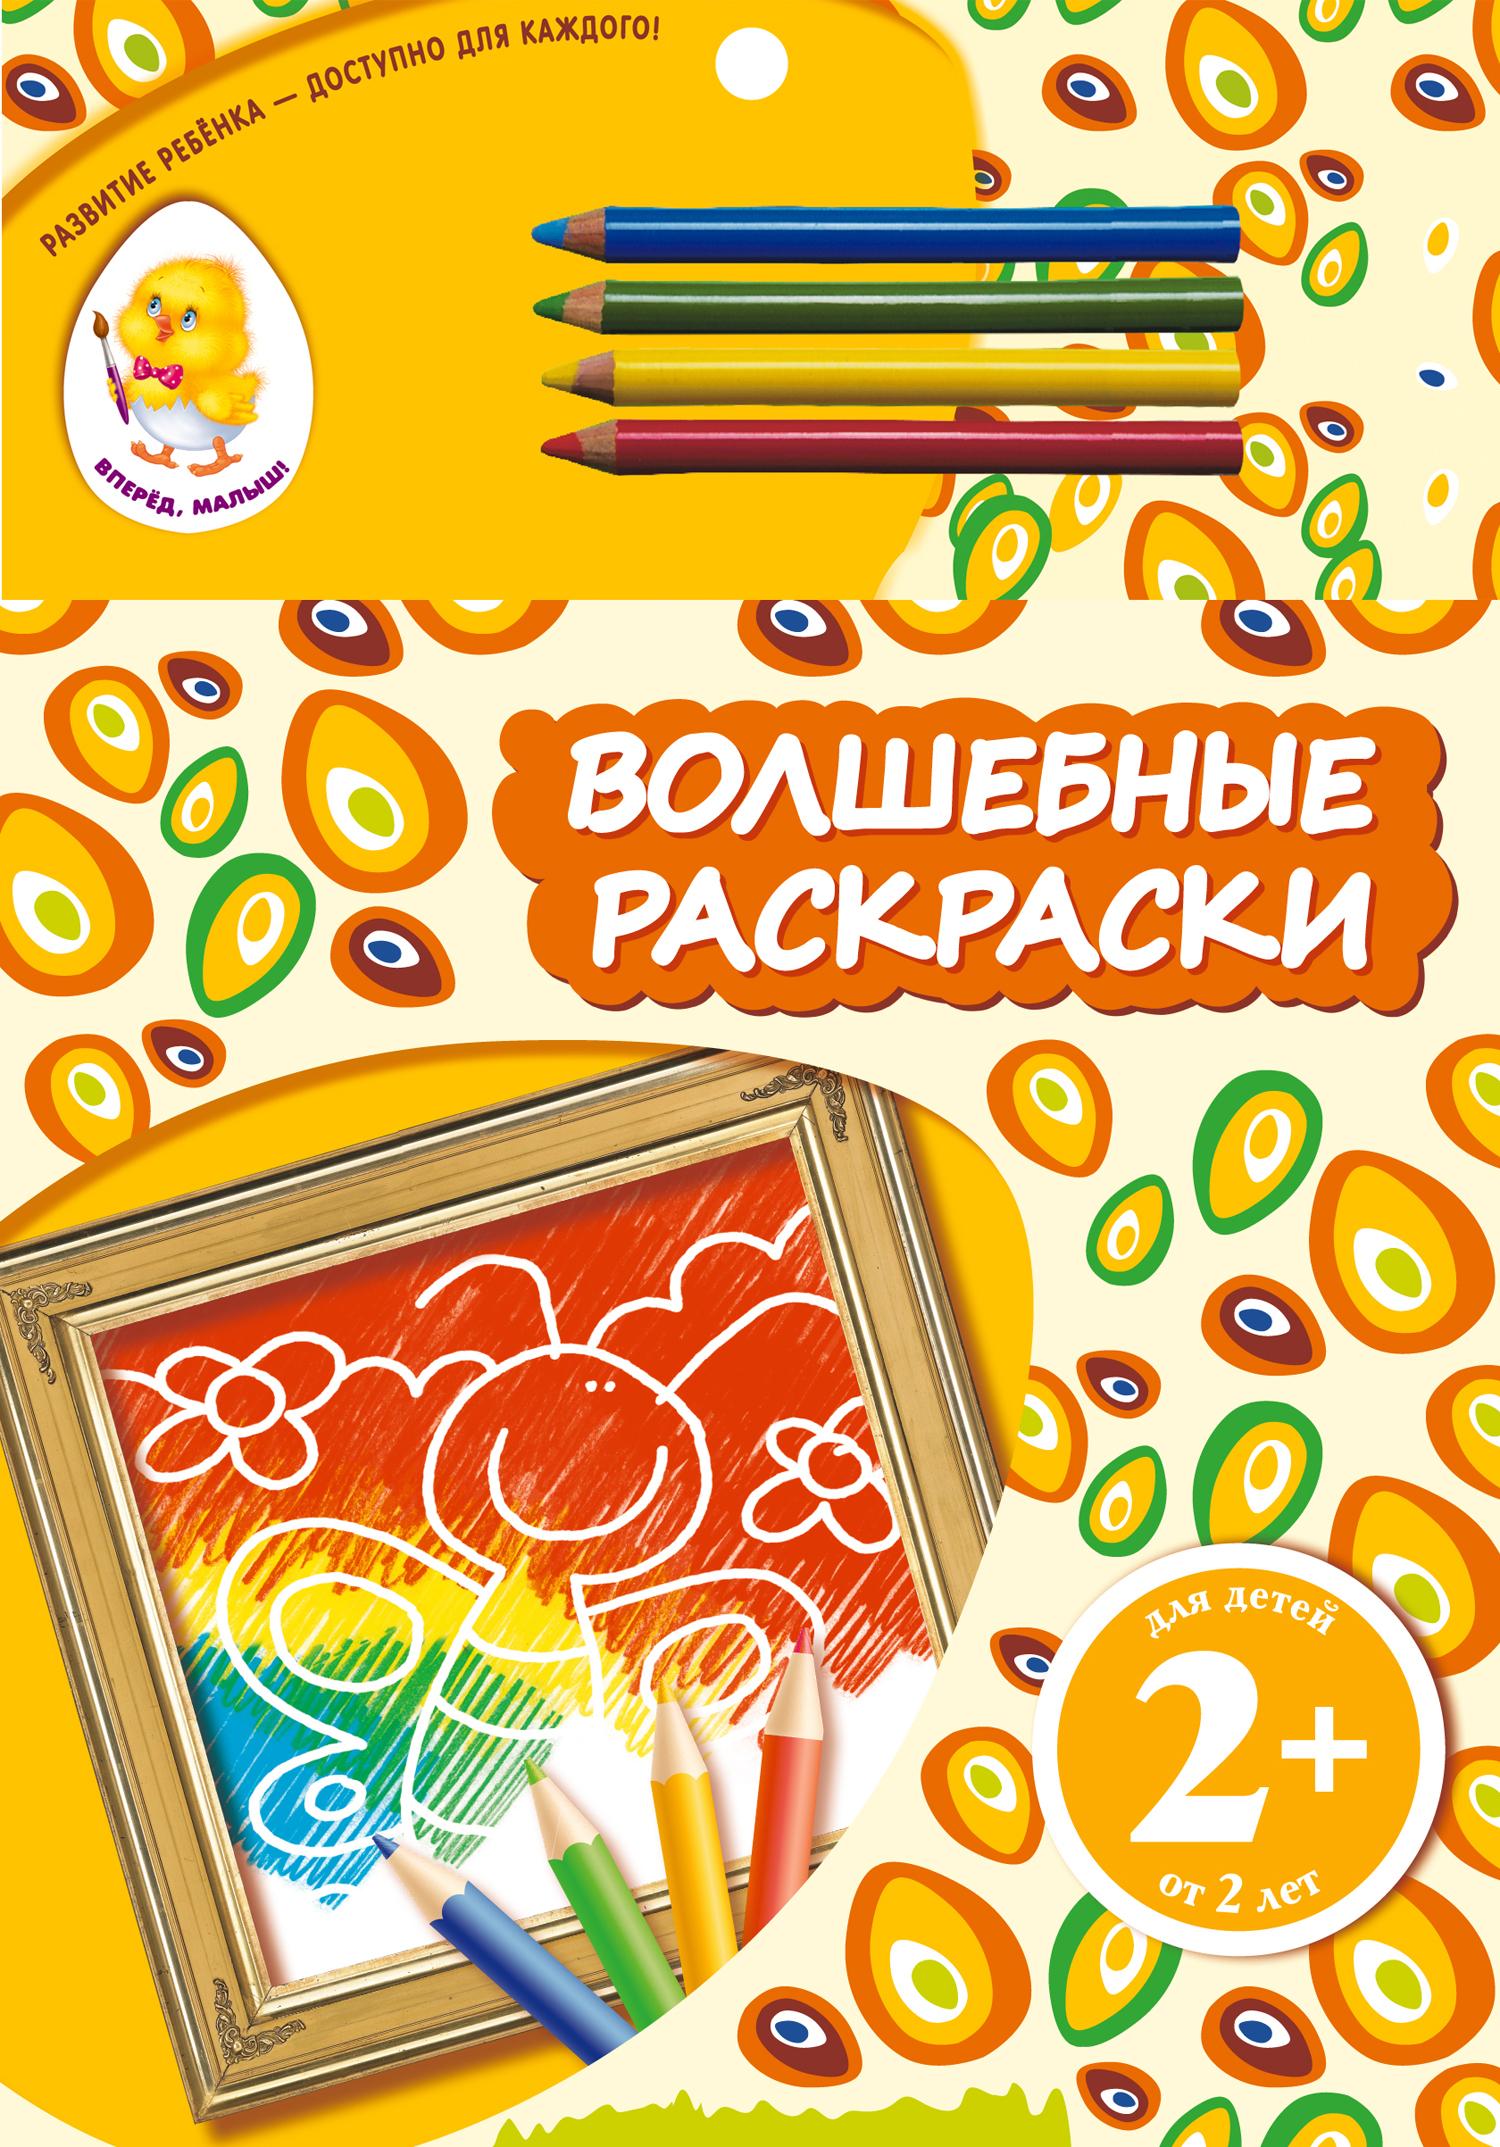 2+ Волшебные раскраски (бабочка)